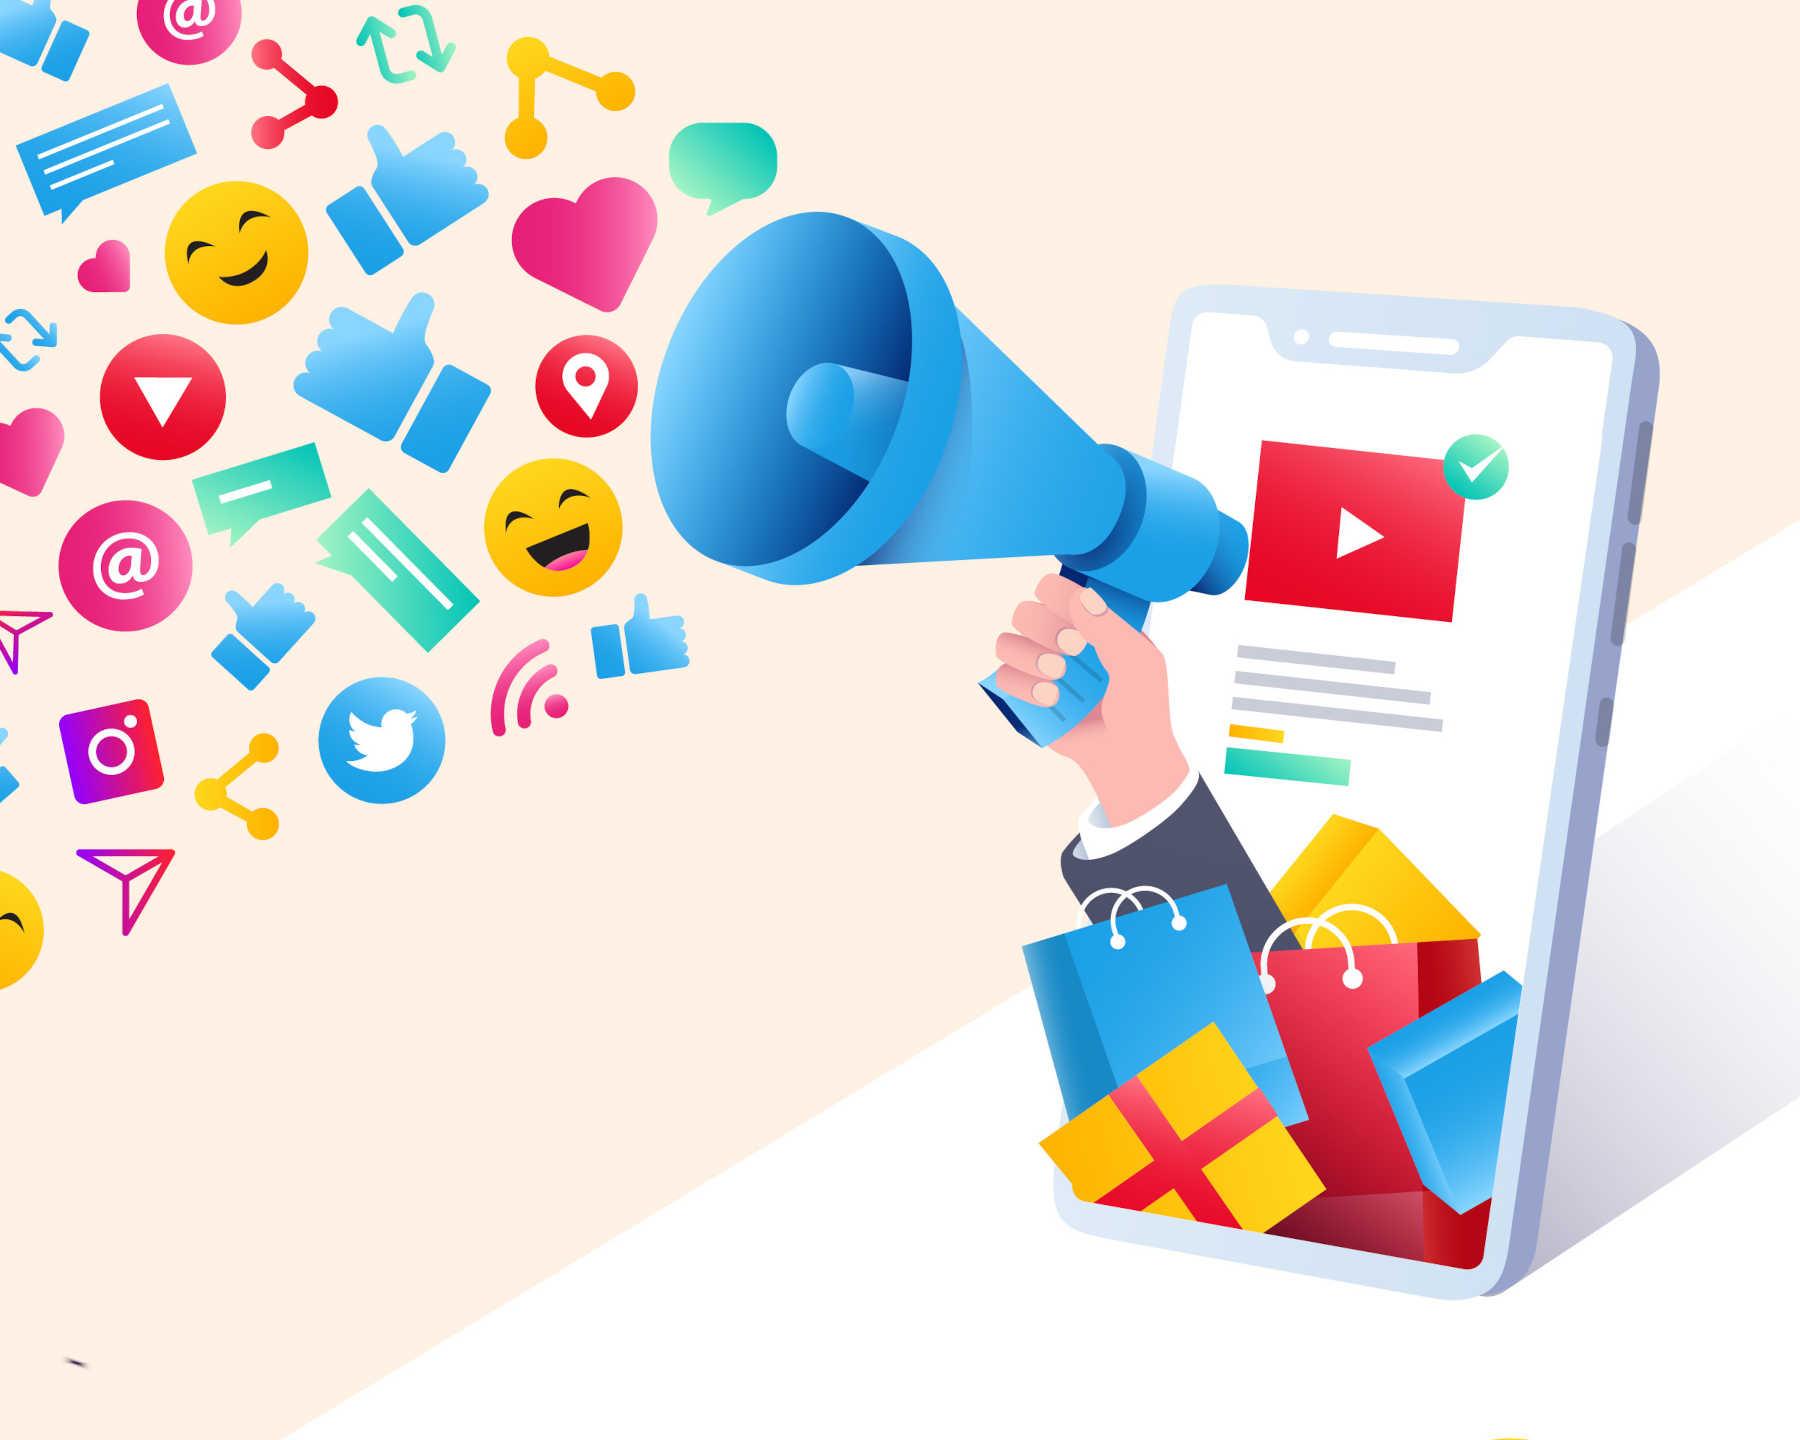 Campagne Facebook Ads, Instagram Ads, Pinterest Ads